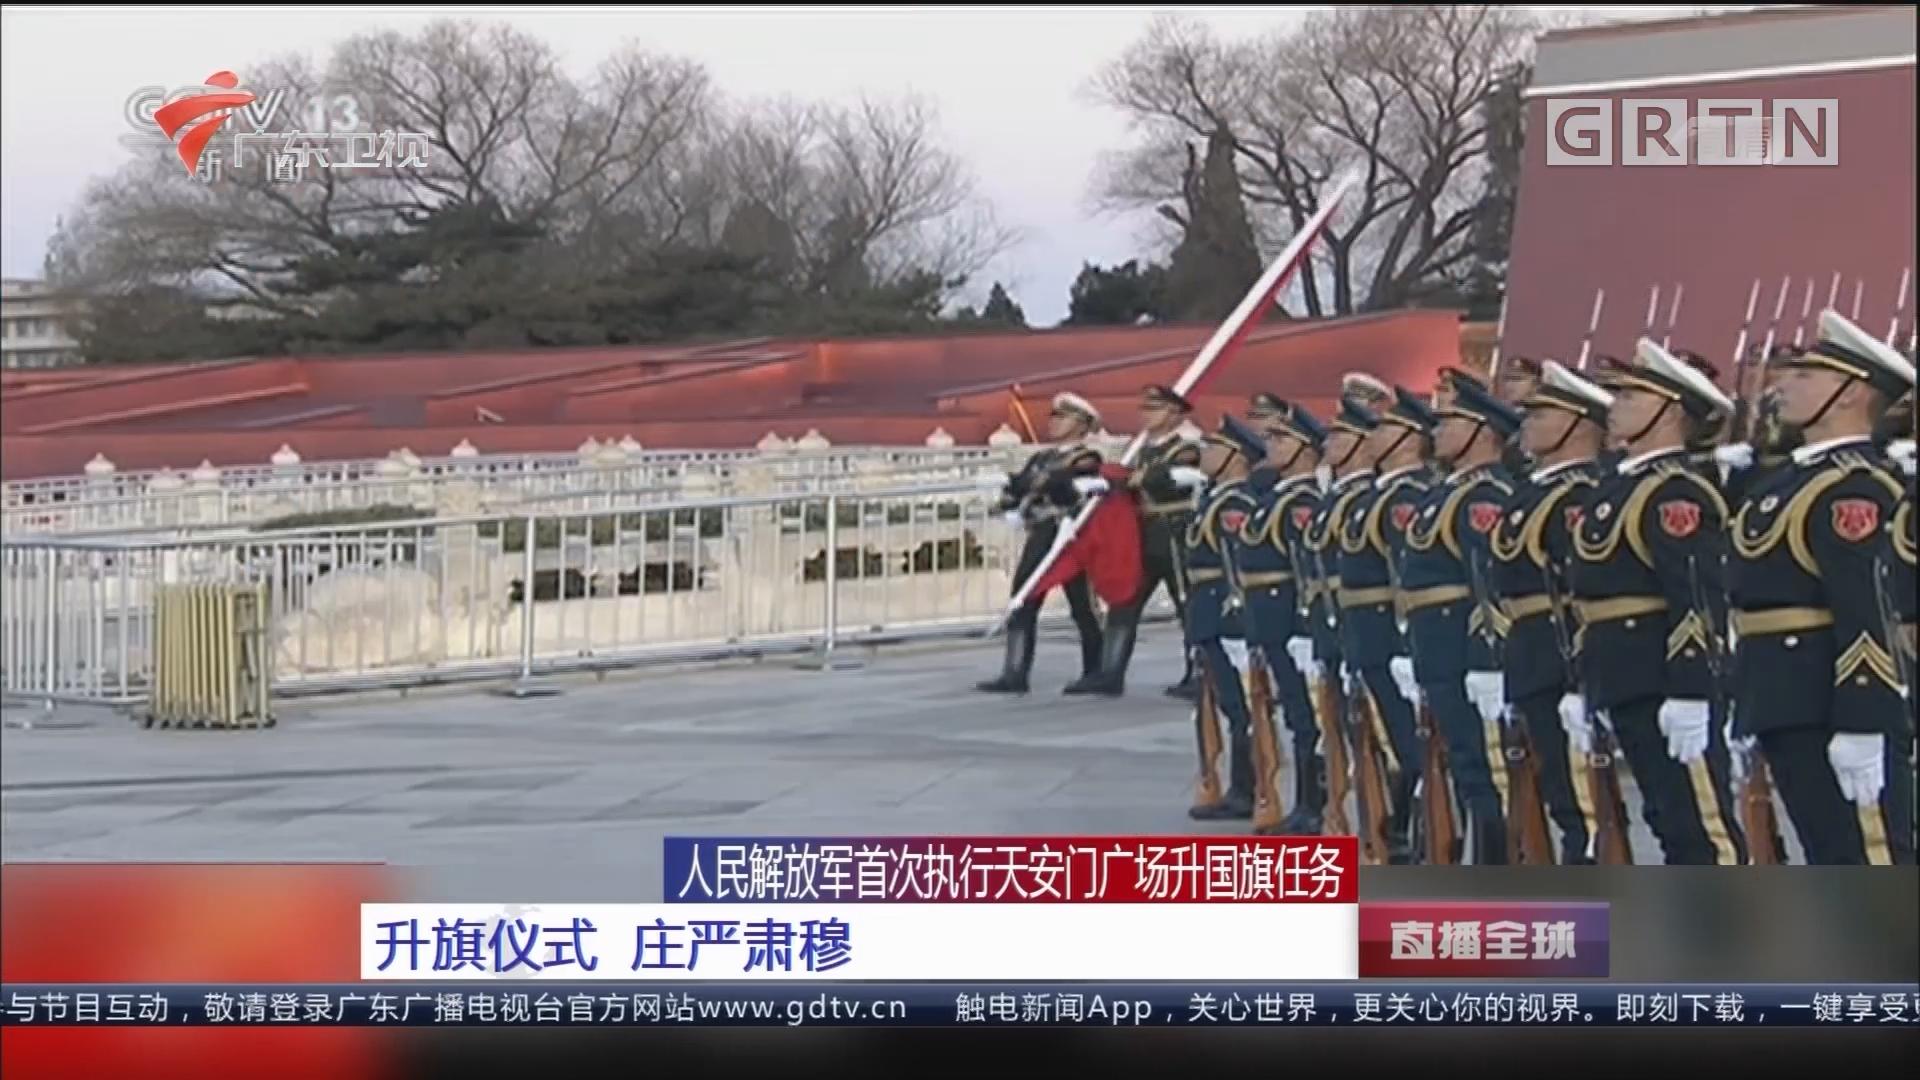 人民解放军首次执行天安门广场升国旗任务:升旗仪式 庄严肃穆